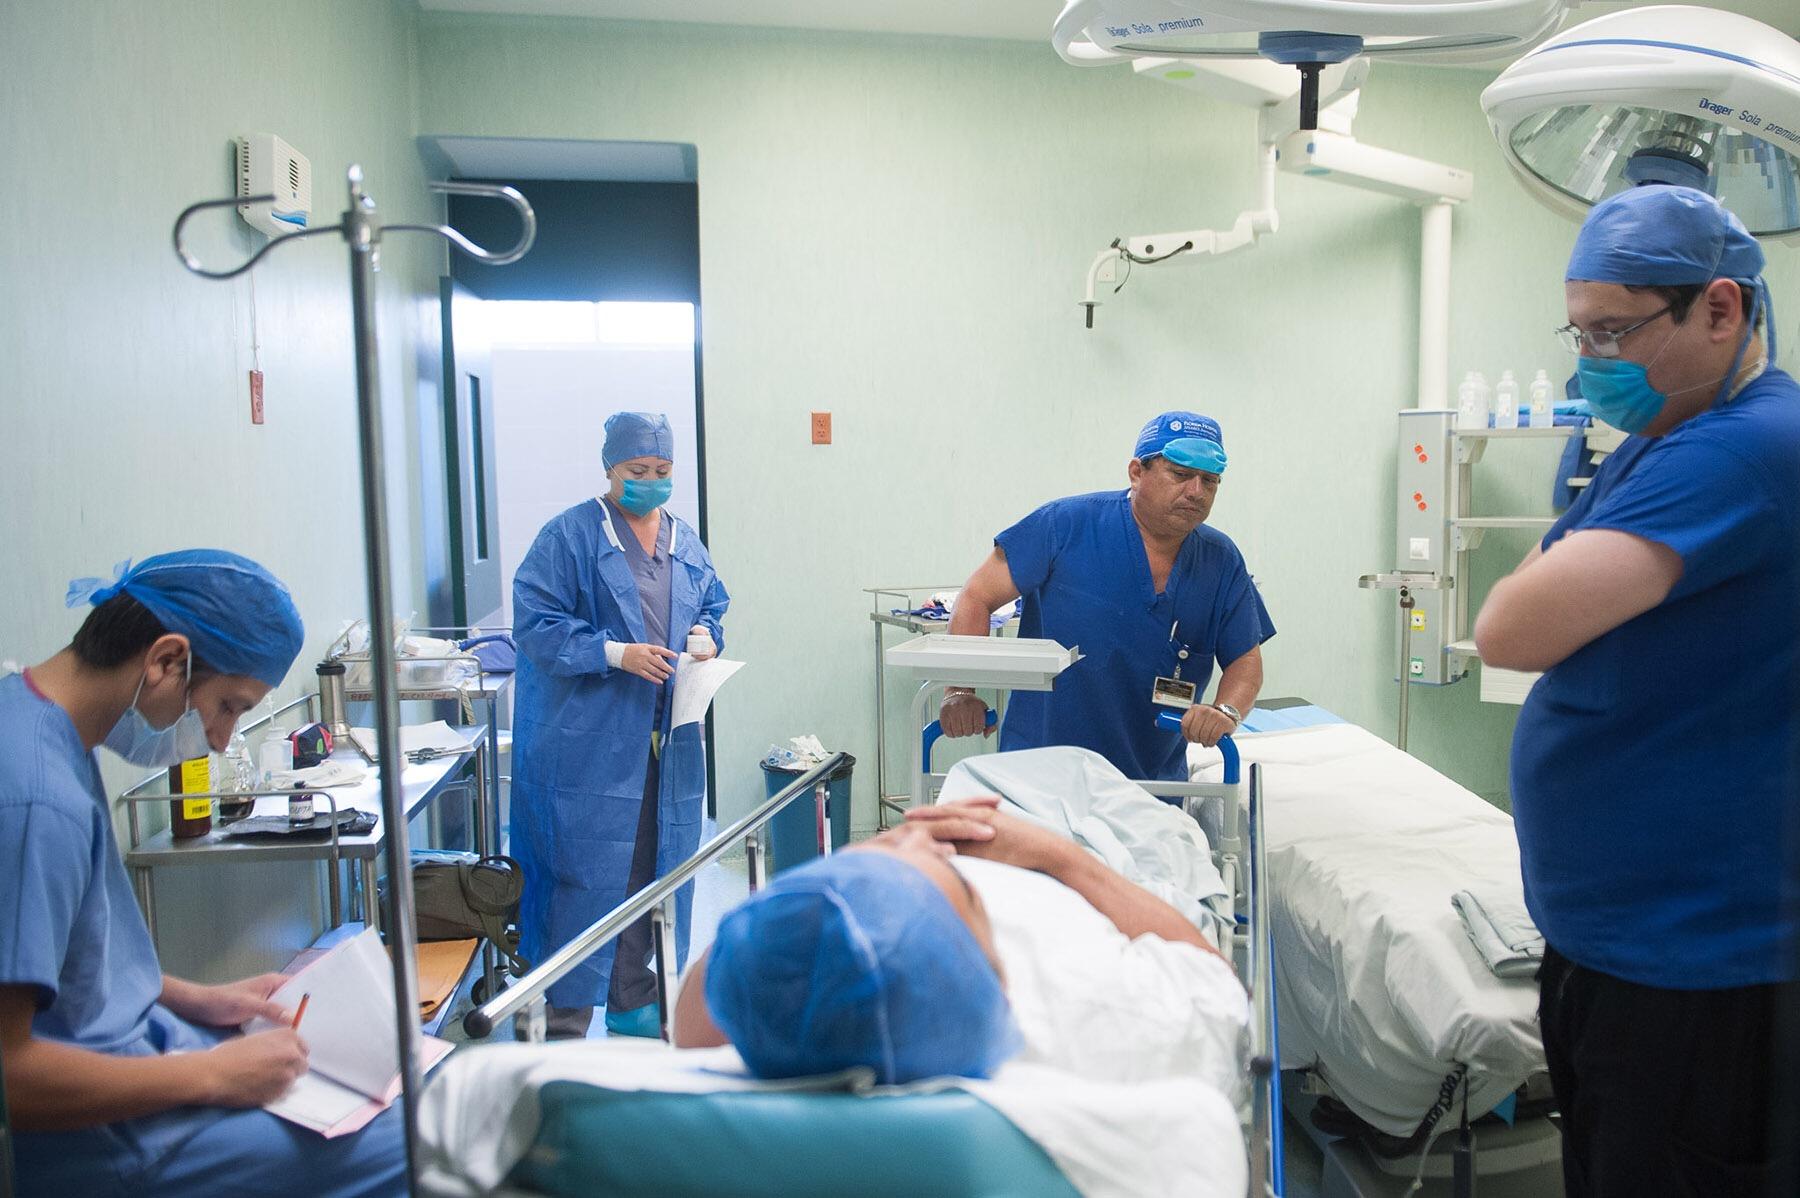 Cirugía reconstructiva sin costo a víctimas de cáncer de mama